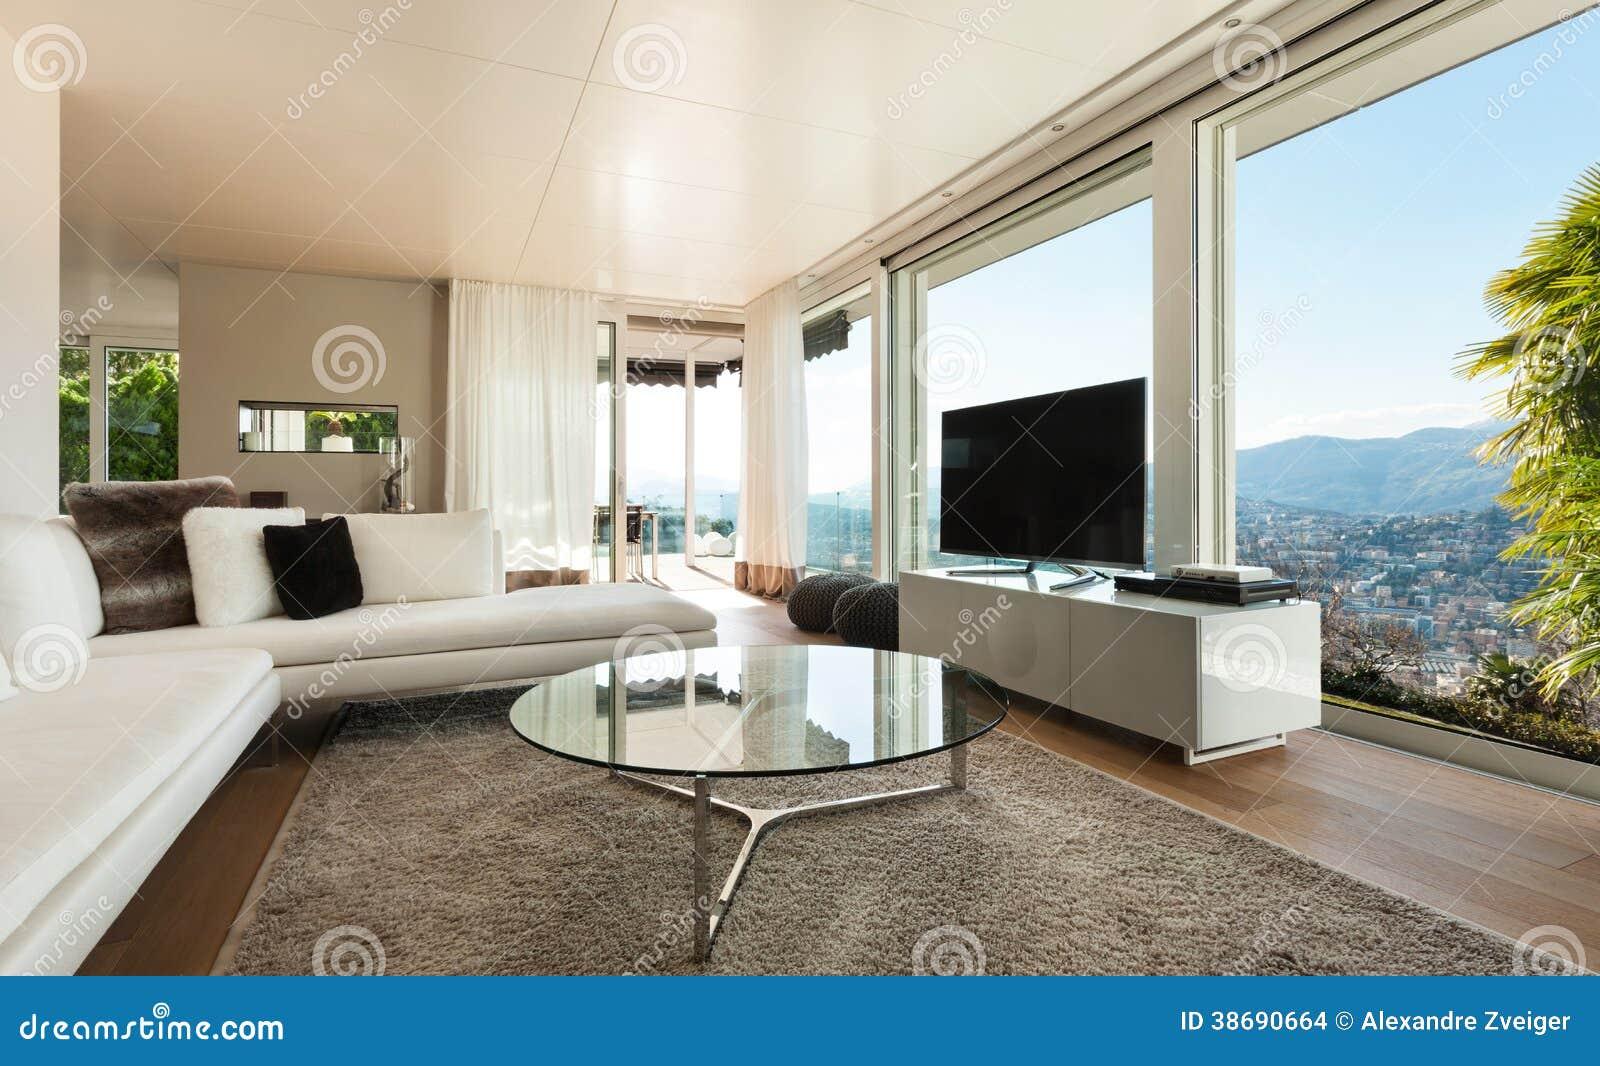 Modernes Innenhaus, Wohnzimmer Stockfoto - Bild von zustand, couch ...